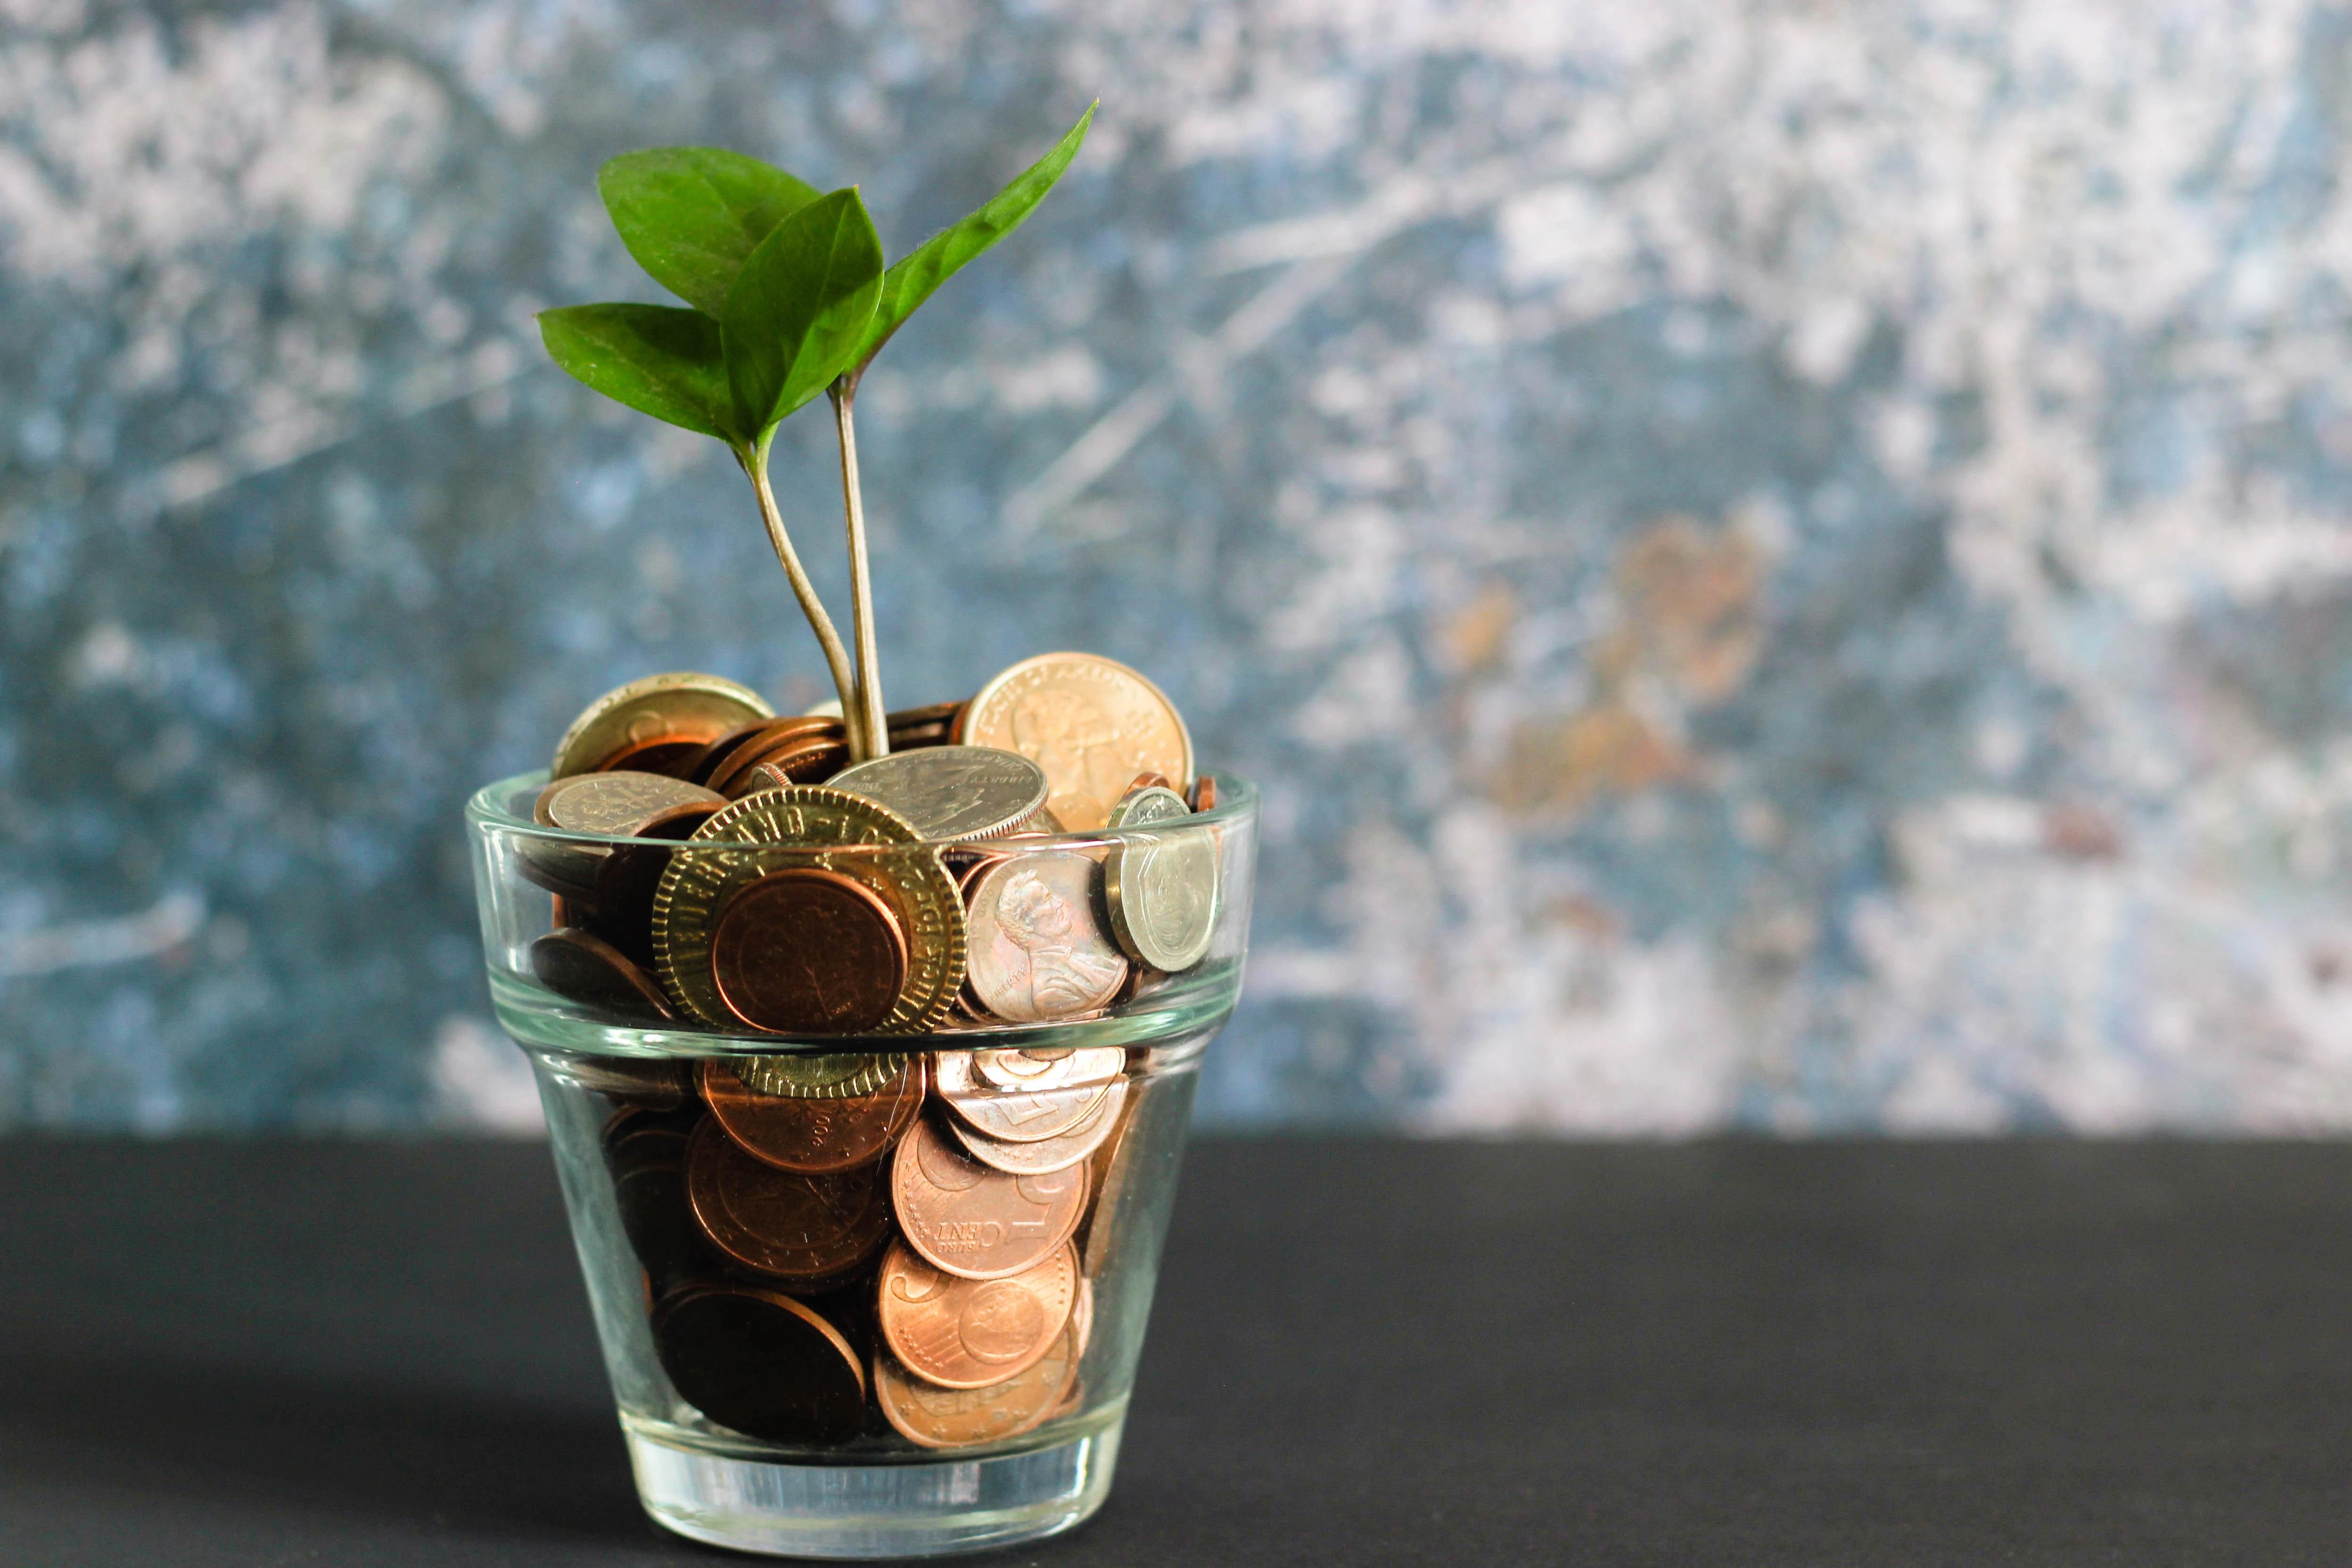 Le nouveau Plan Epargne Retraite (PER) : avantages & inconvénients